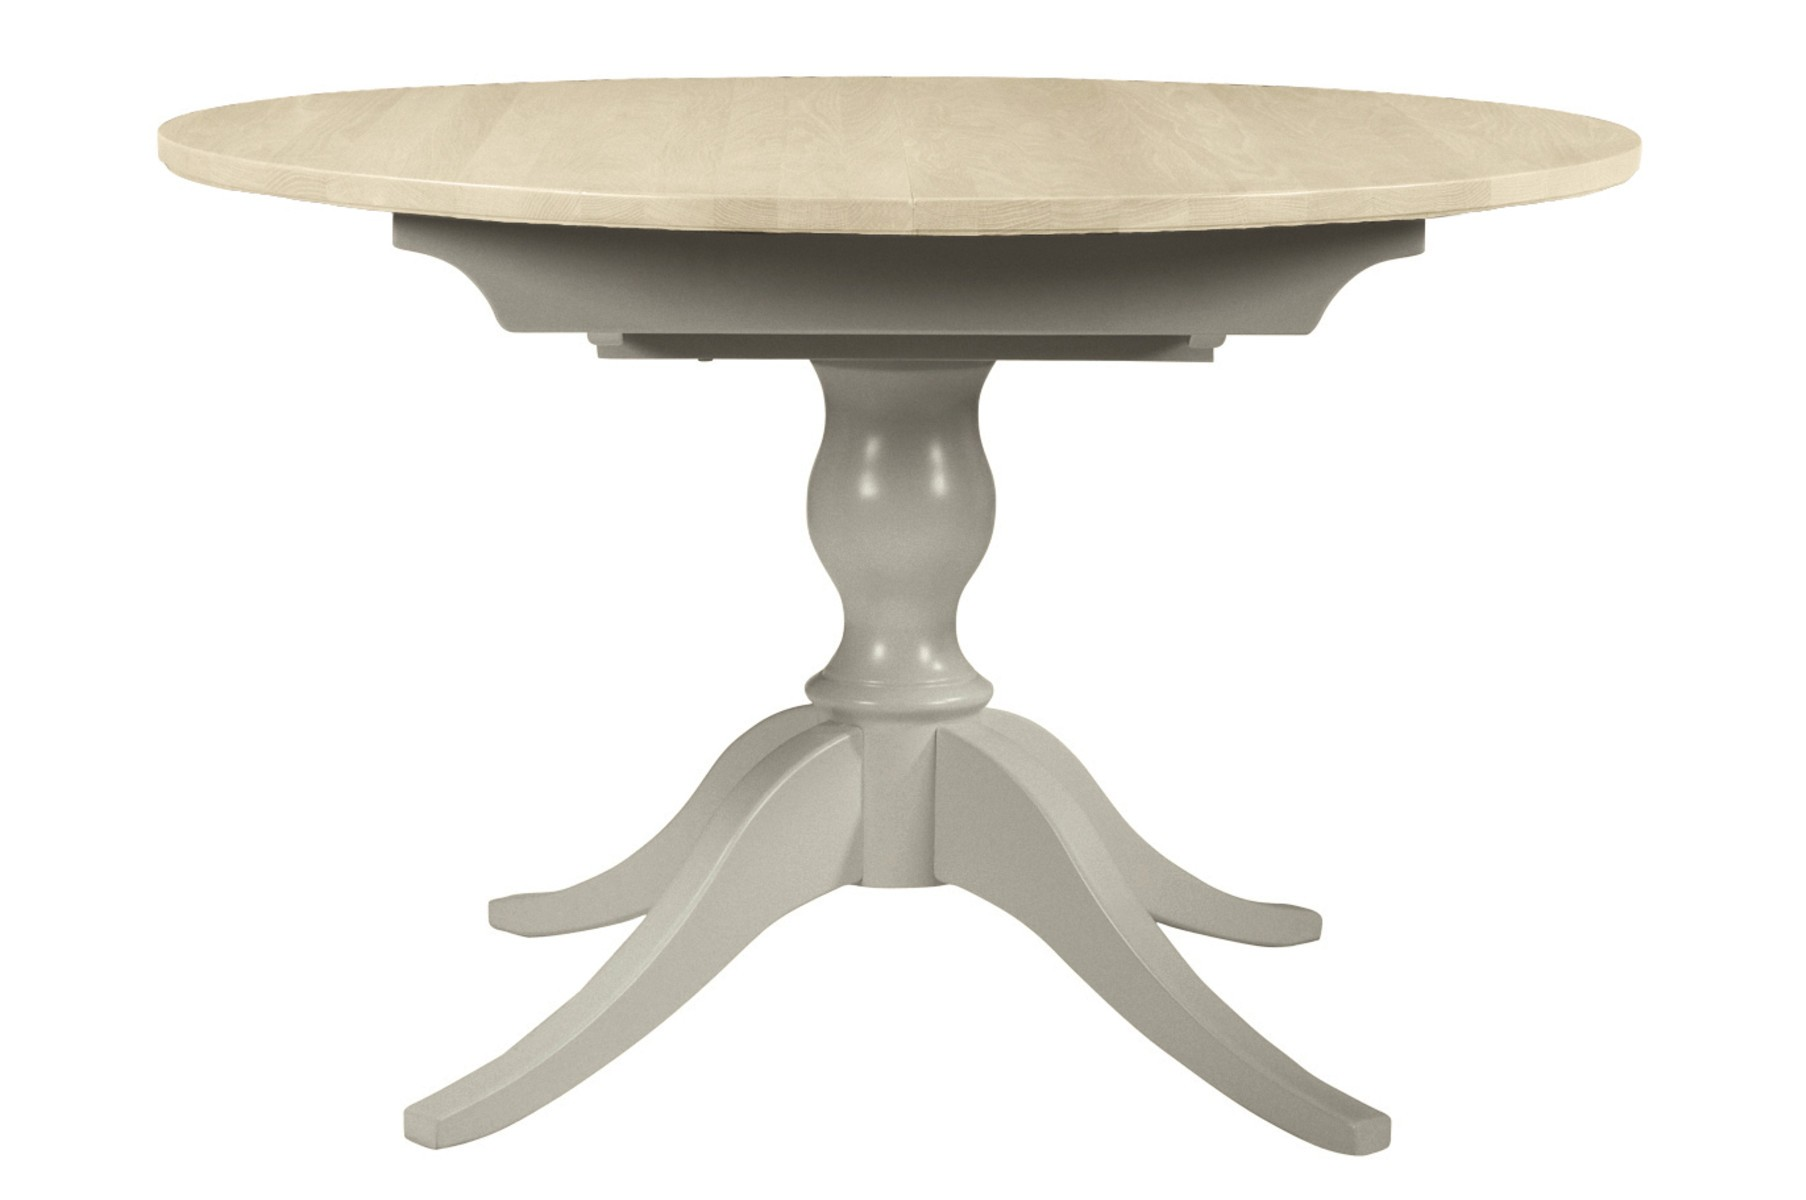 Mesas redondas comedor extensibles top mesa de comedor for Mesa circular extensible